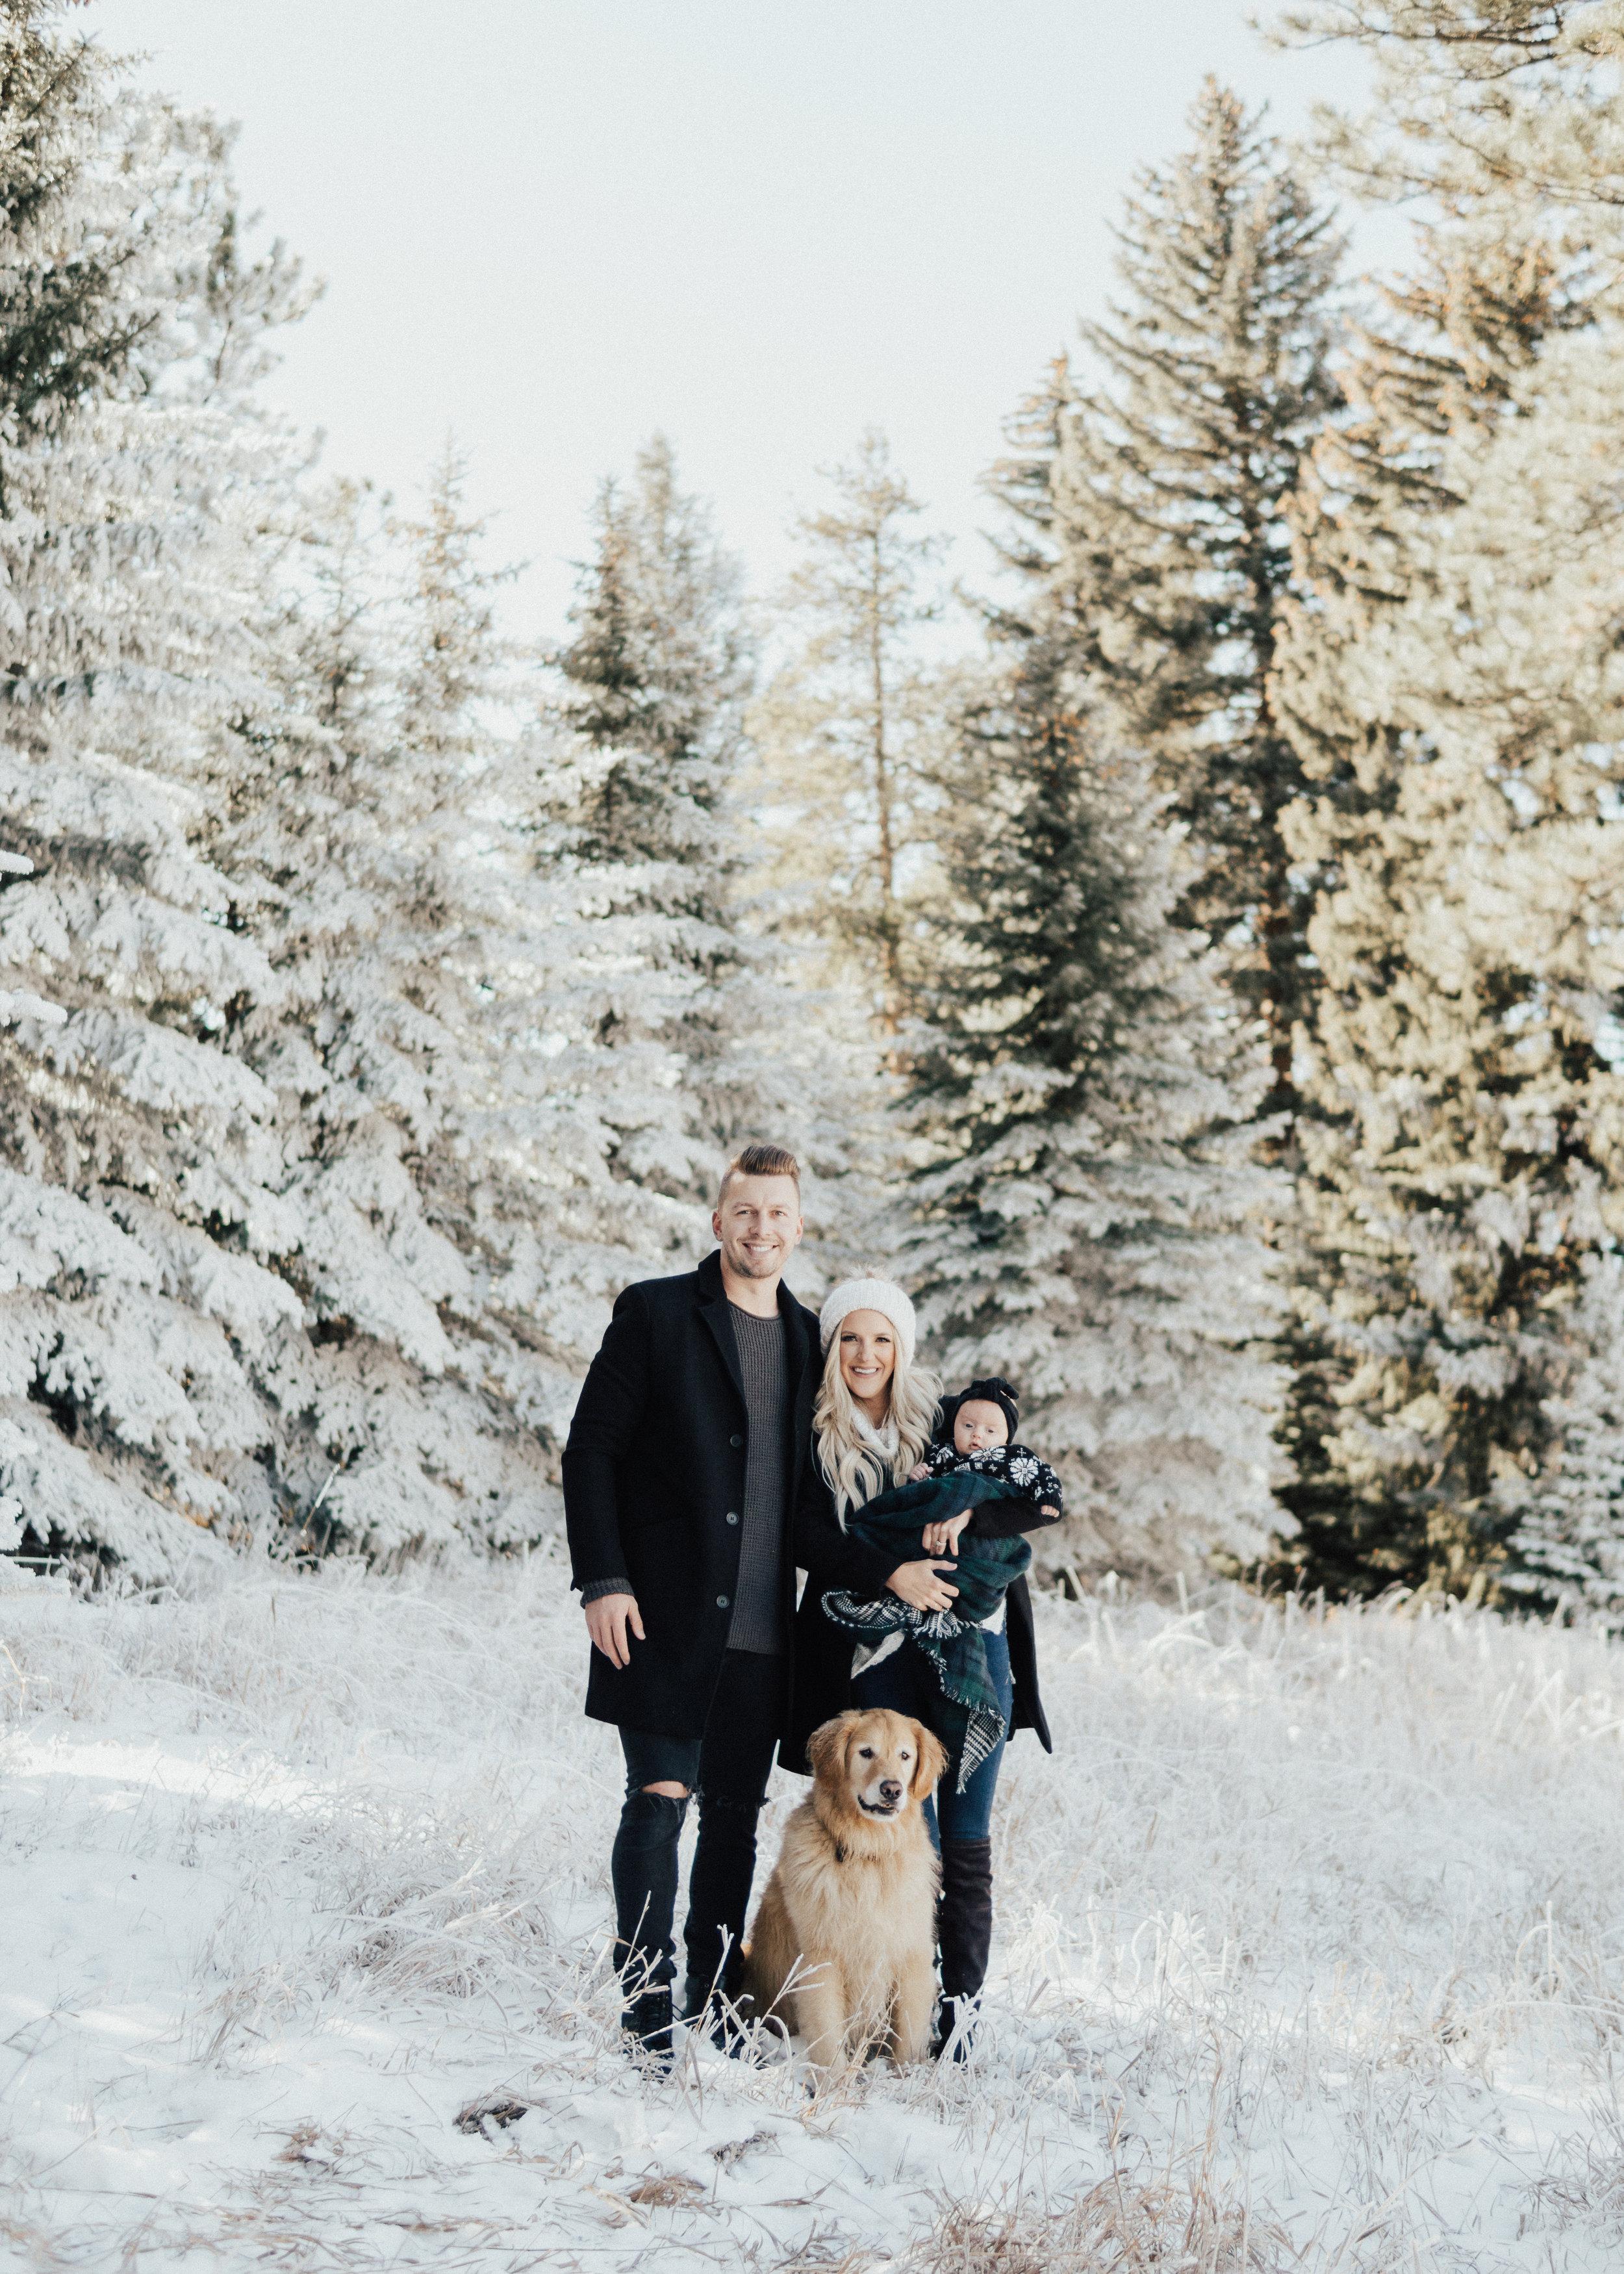 201811-18_ChristmasPics-26.jpg